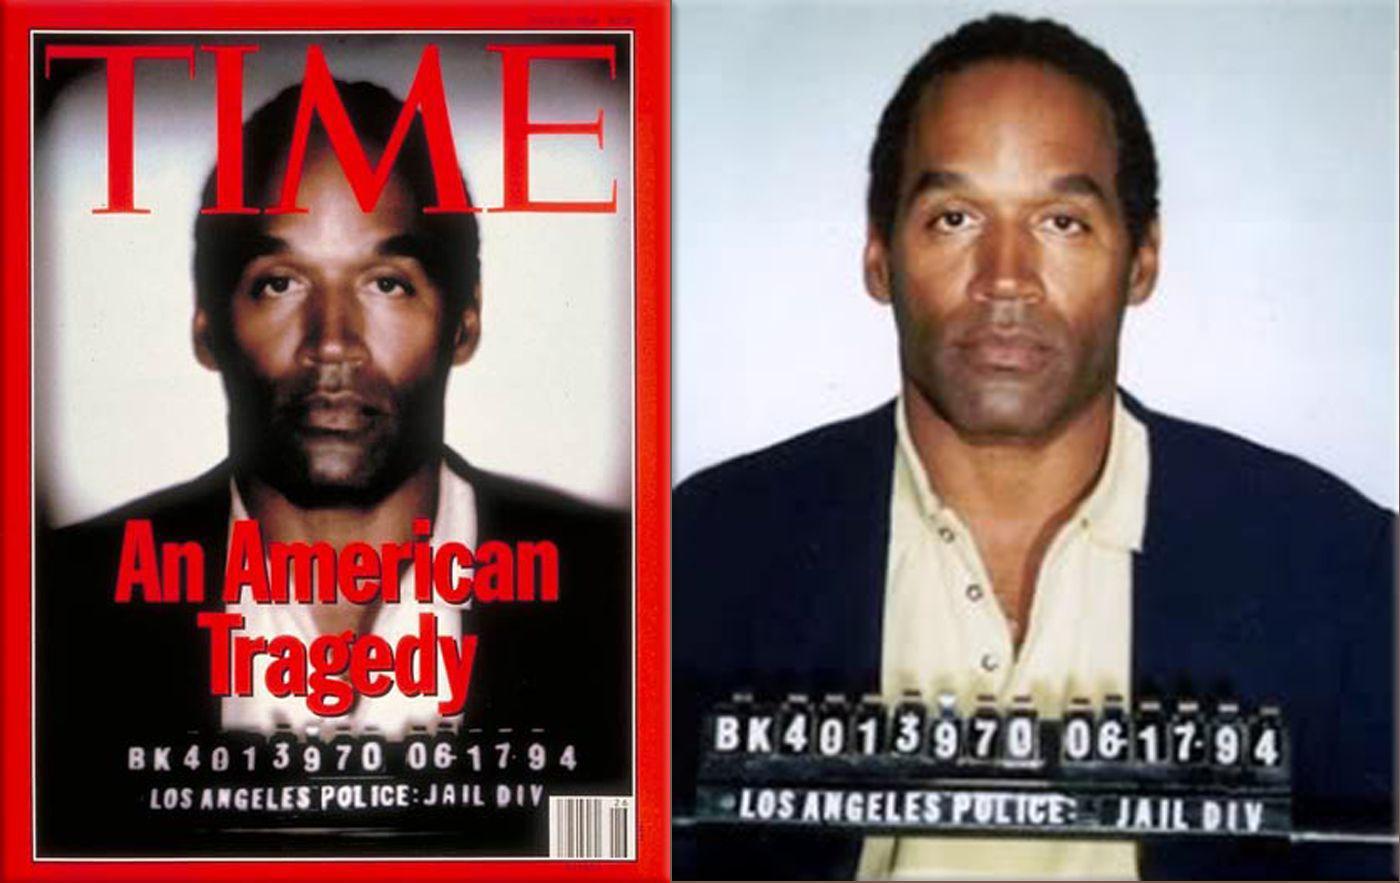 《时代周刊》封面因为给辛普森图片加了滤镜而引起巨大争议。